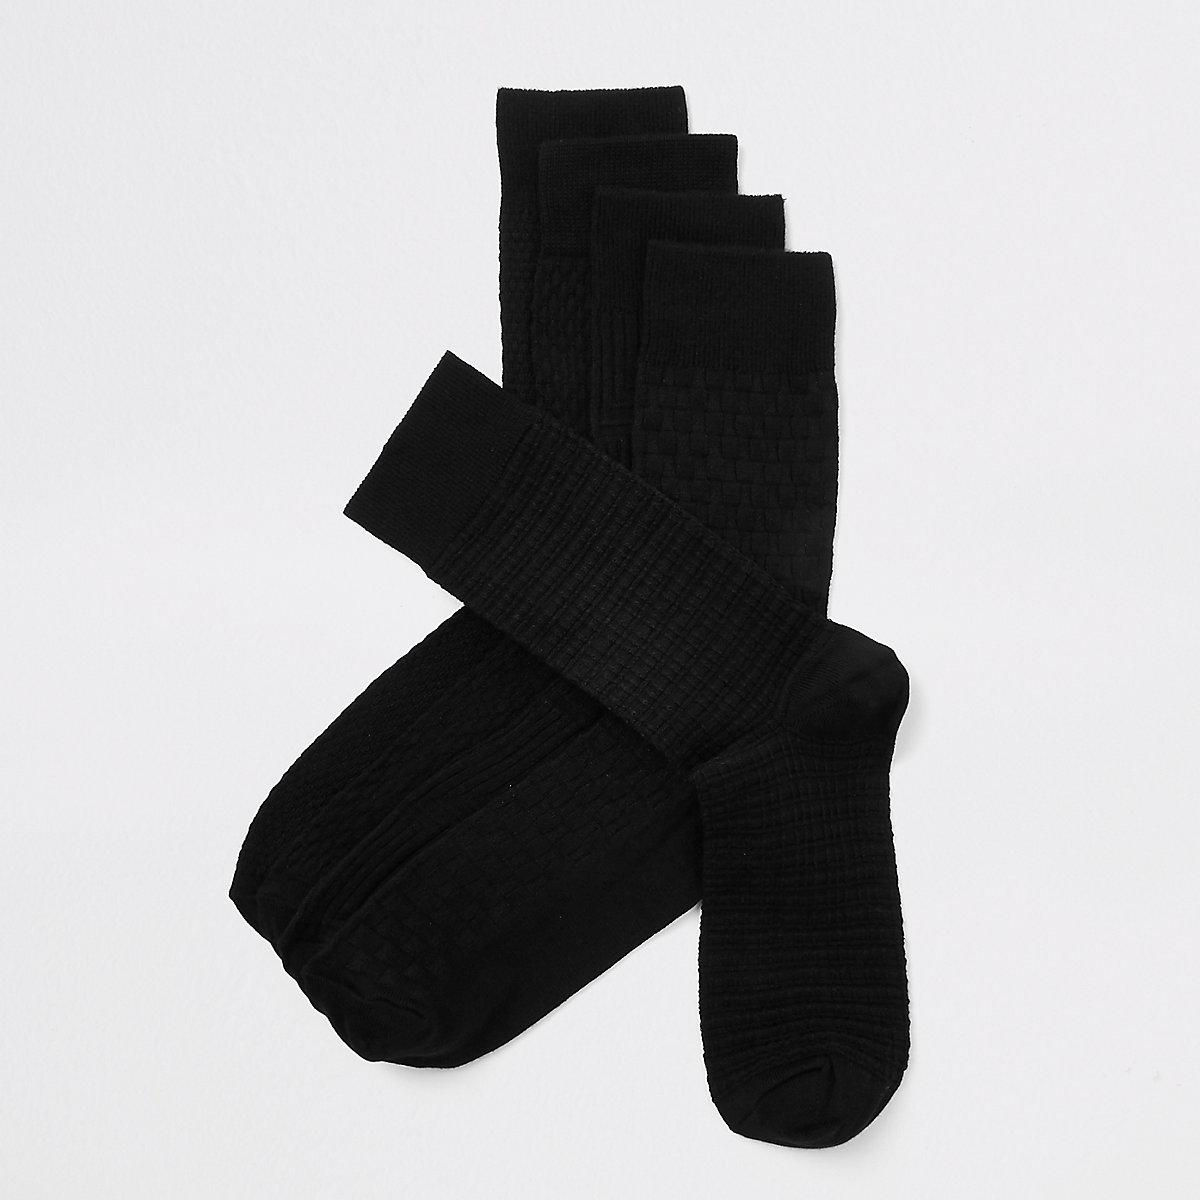 Black bamboo socks multipack